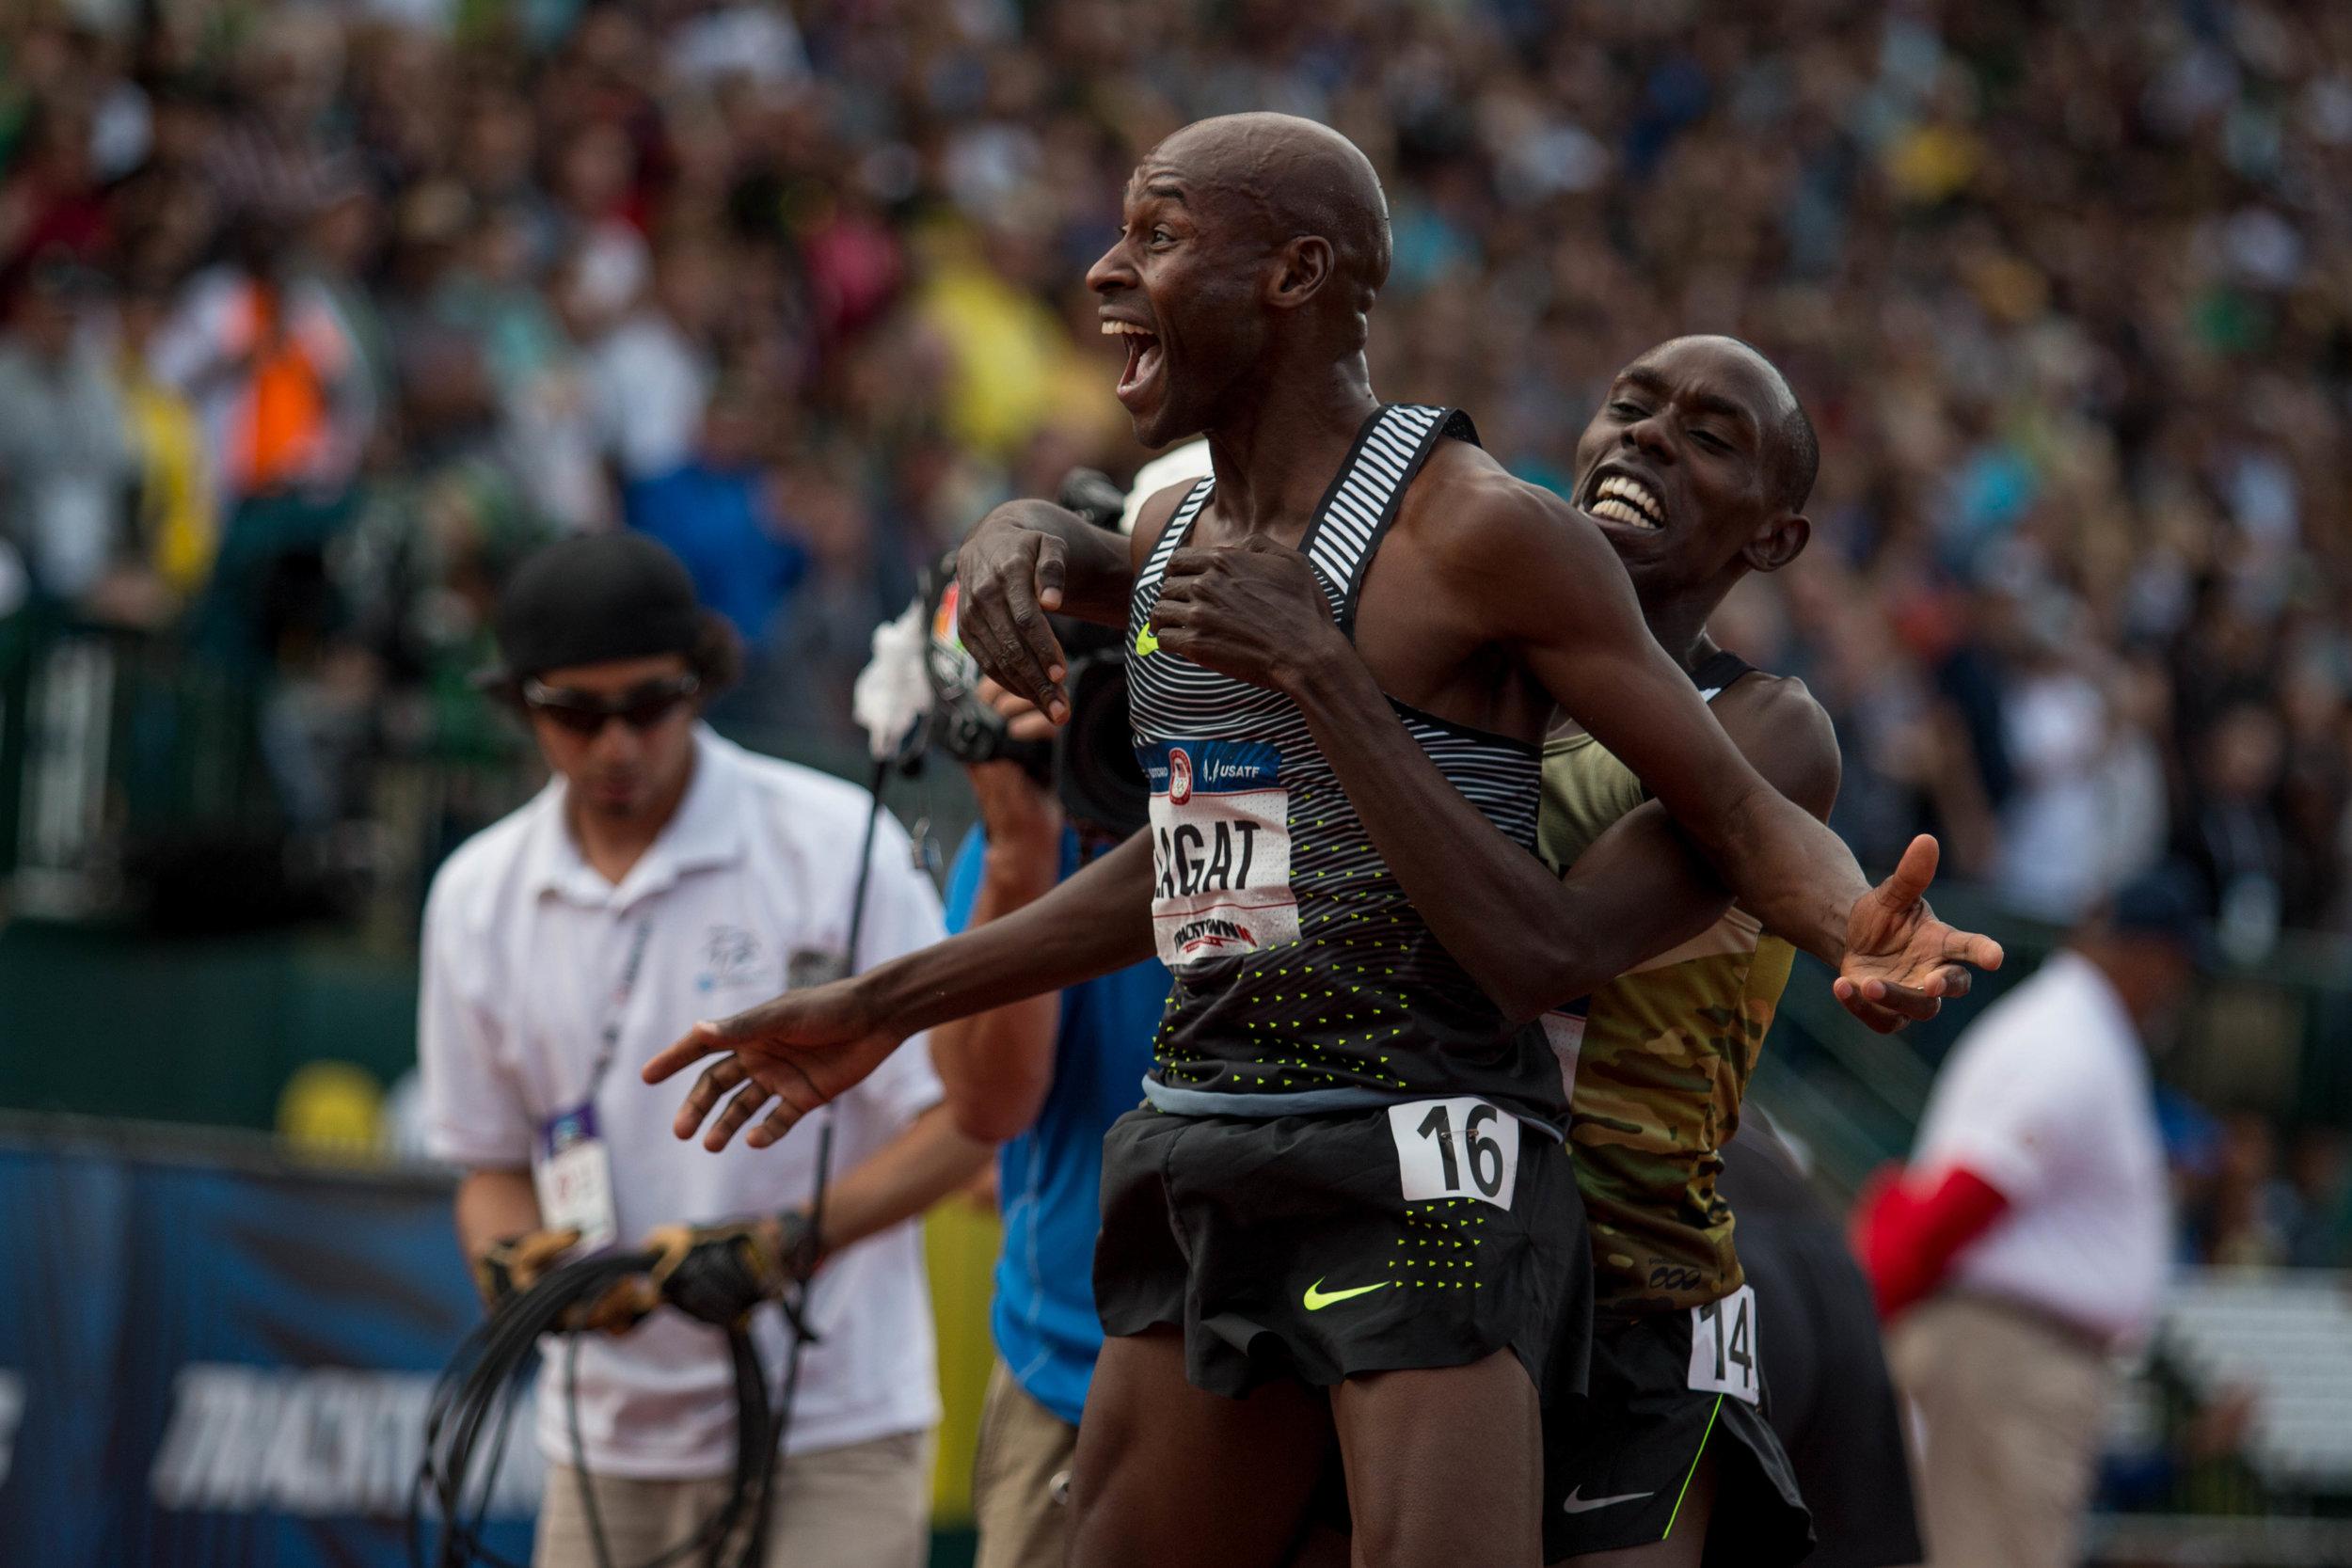 olympic trials web-10.jpg